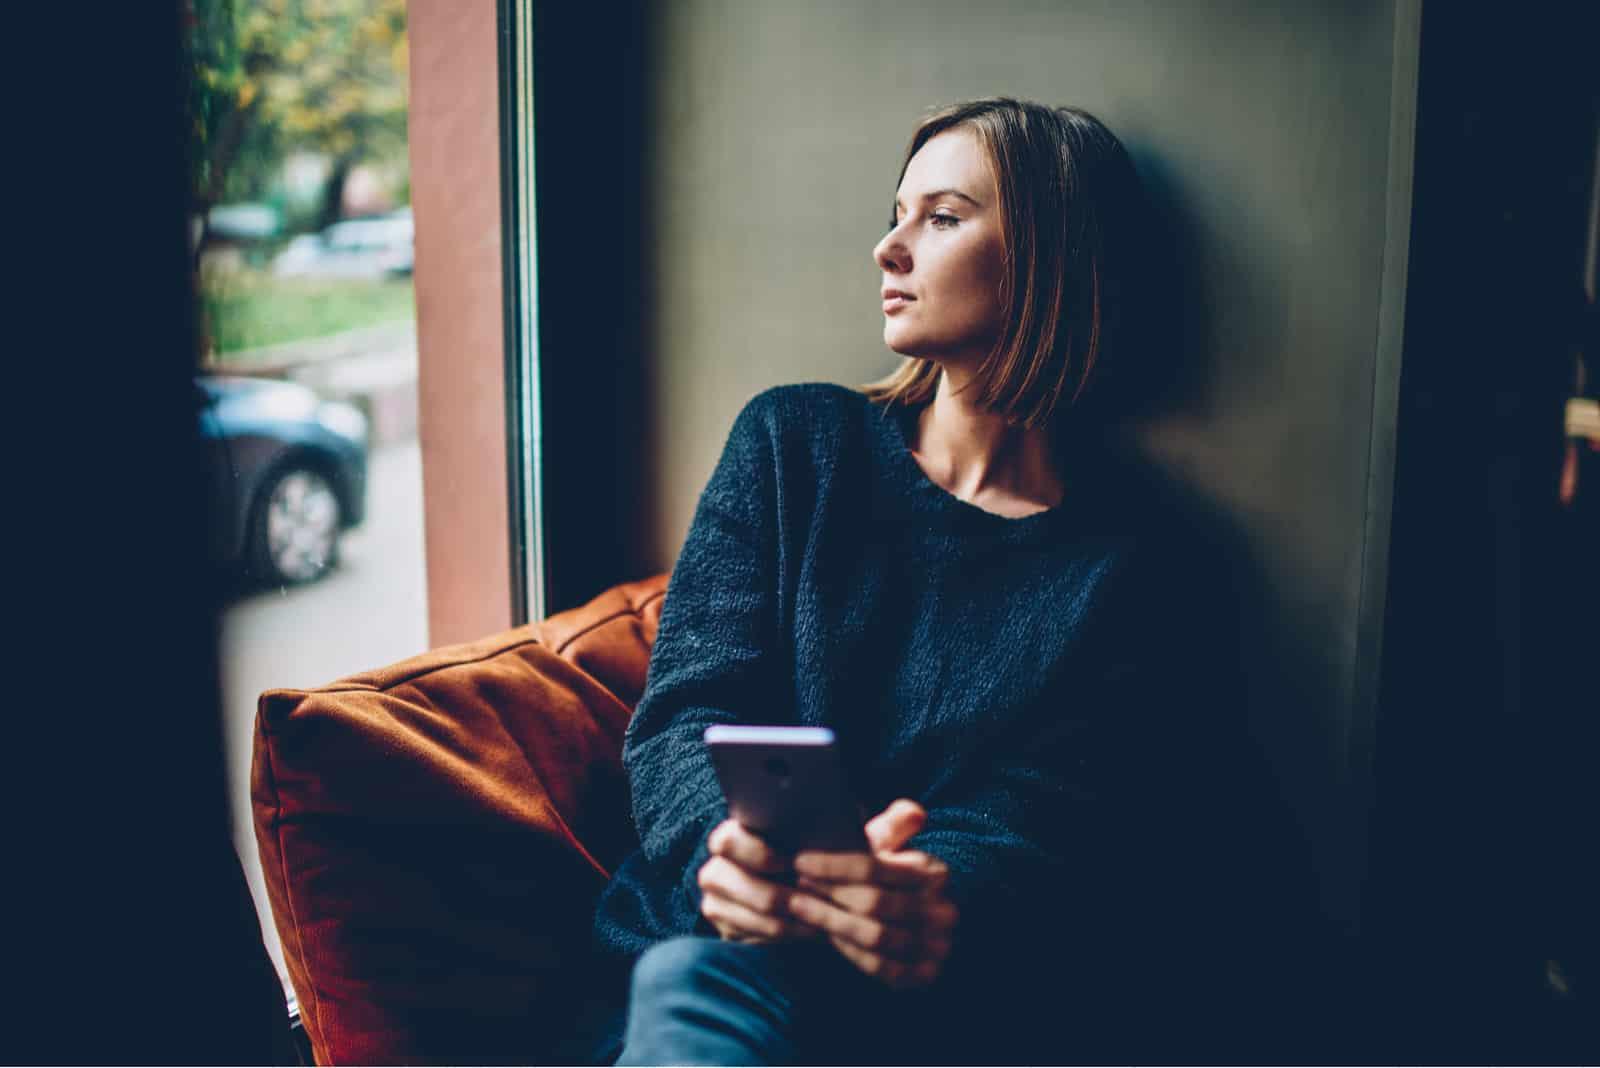 Une femme imaginaire est assise dans un fauteuil tout en tenant un téléphone dans sa main en regardant par la fenêtre